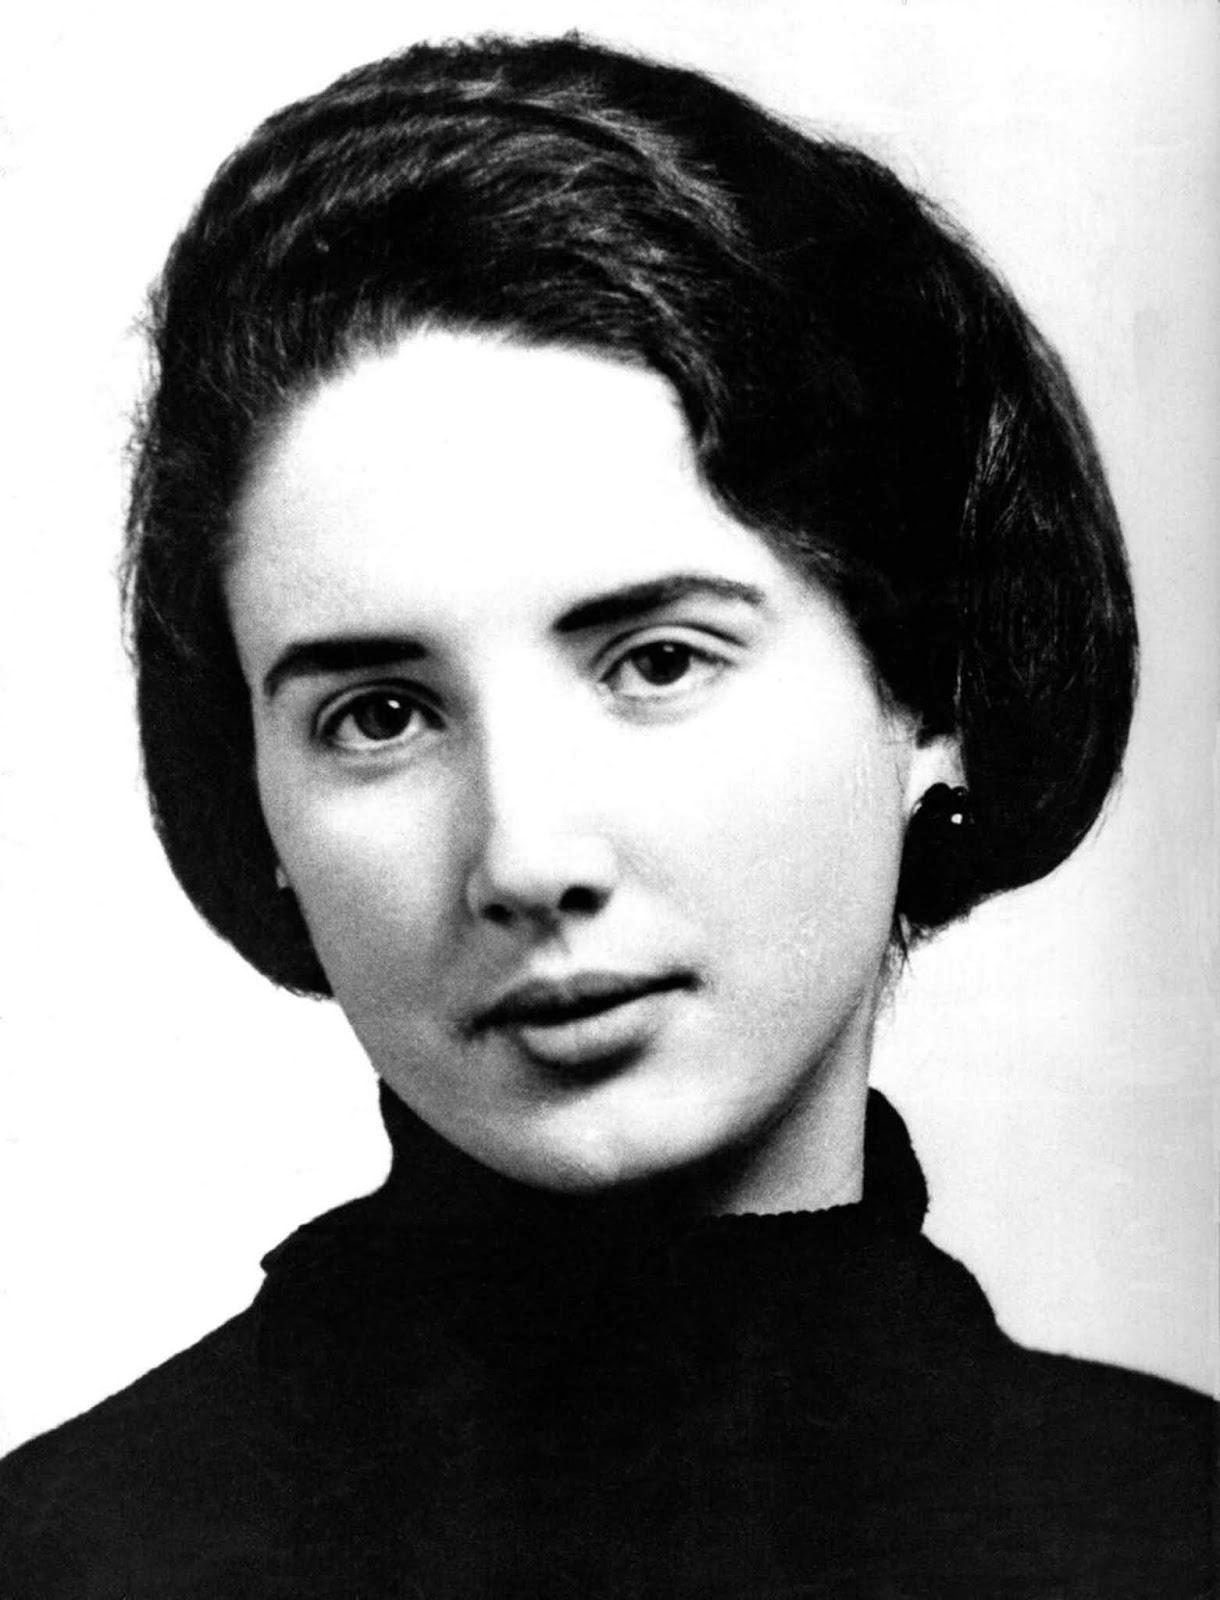 <p>Франка Виола остава в историята като първата италианка отказала да сключи &bdquo;реабилитиращ брак&ldquo; (итал. - &ldquo;matrimonio riparatore&ldquo;) с насилника си.</p>